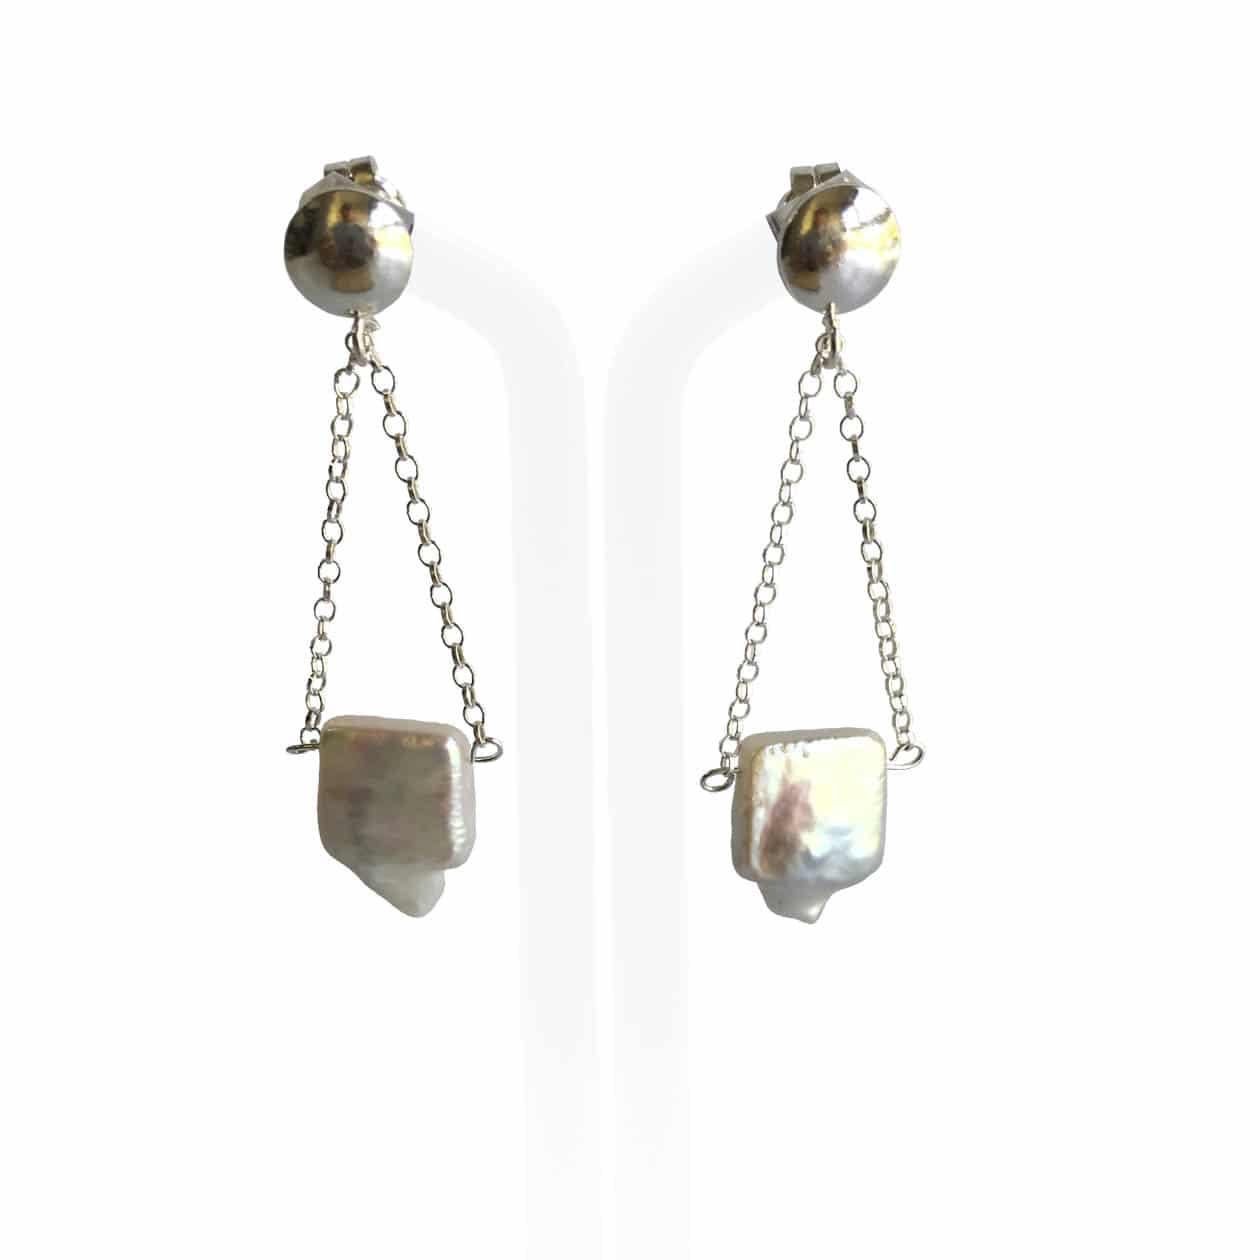 Pendientes de perlas blancas con cadena y entrepiezas de plata 925, hechos a mano.  Pieza única.